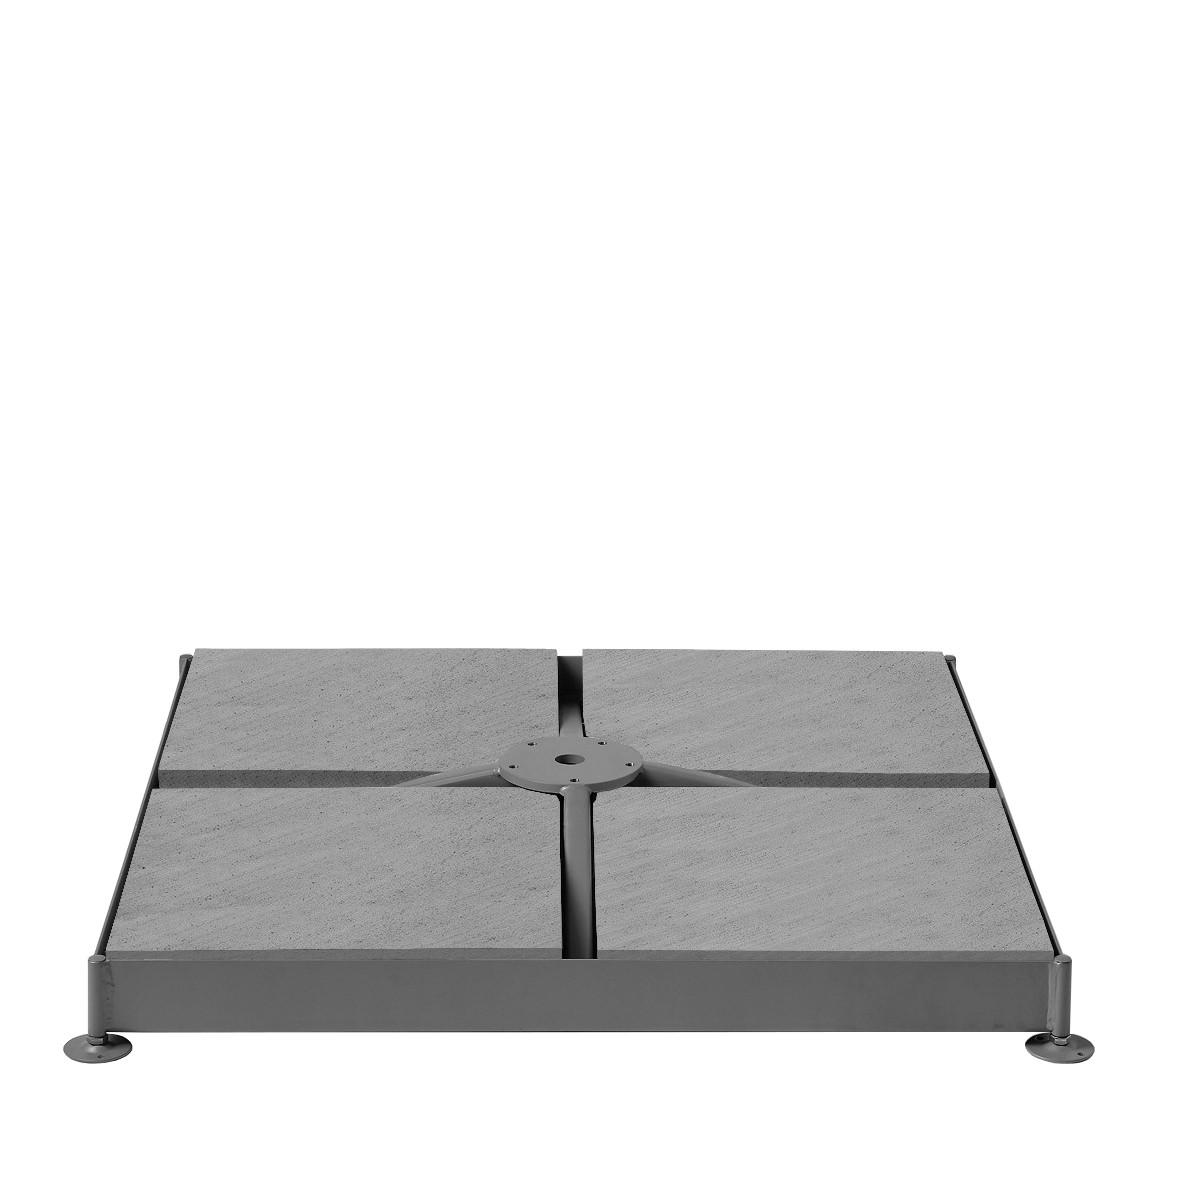 poids 1m3 beton poids d un sac de ciment masse d 39 1m3 de beton forum ma onnerie fa ades le. Black Bedroom Furniture Sets. Home Design Ideas